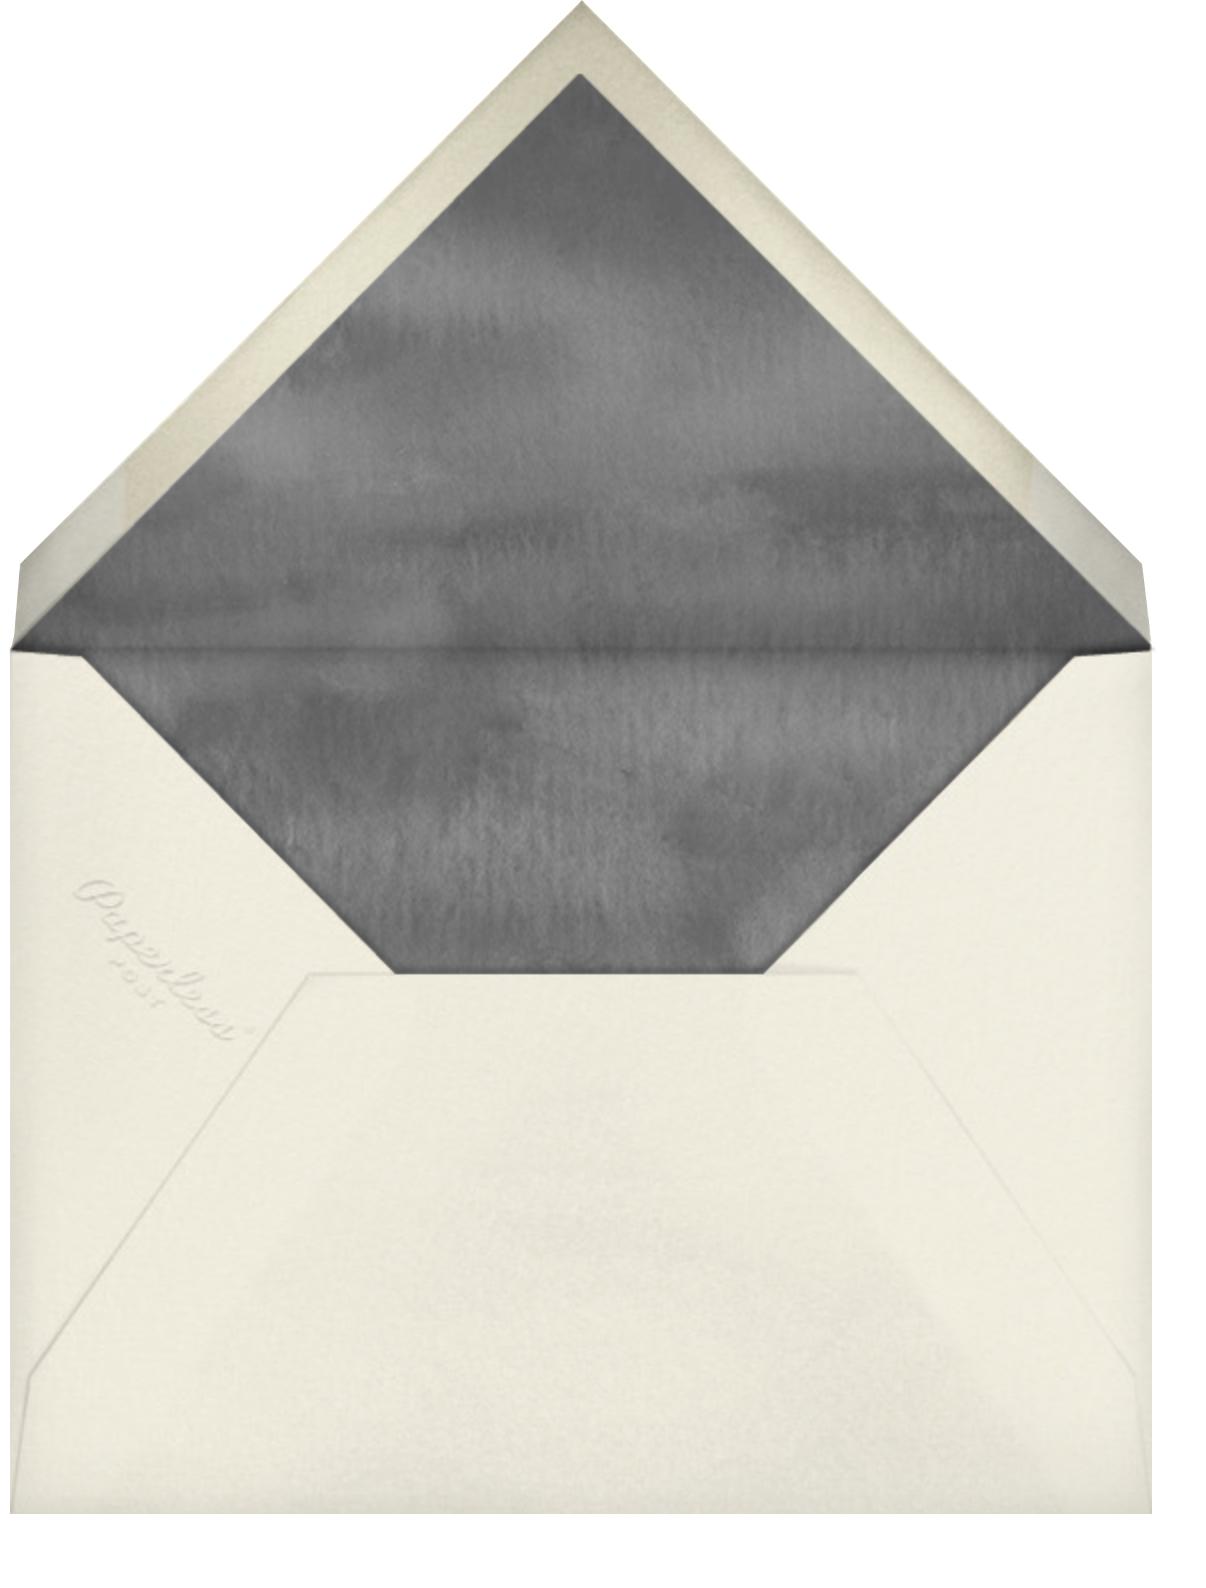 Rembrandt Tulip - Felix Doolittle - Sympathy - envelope back